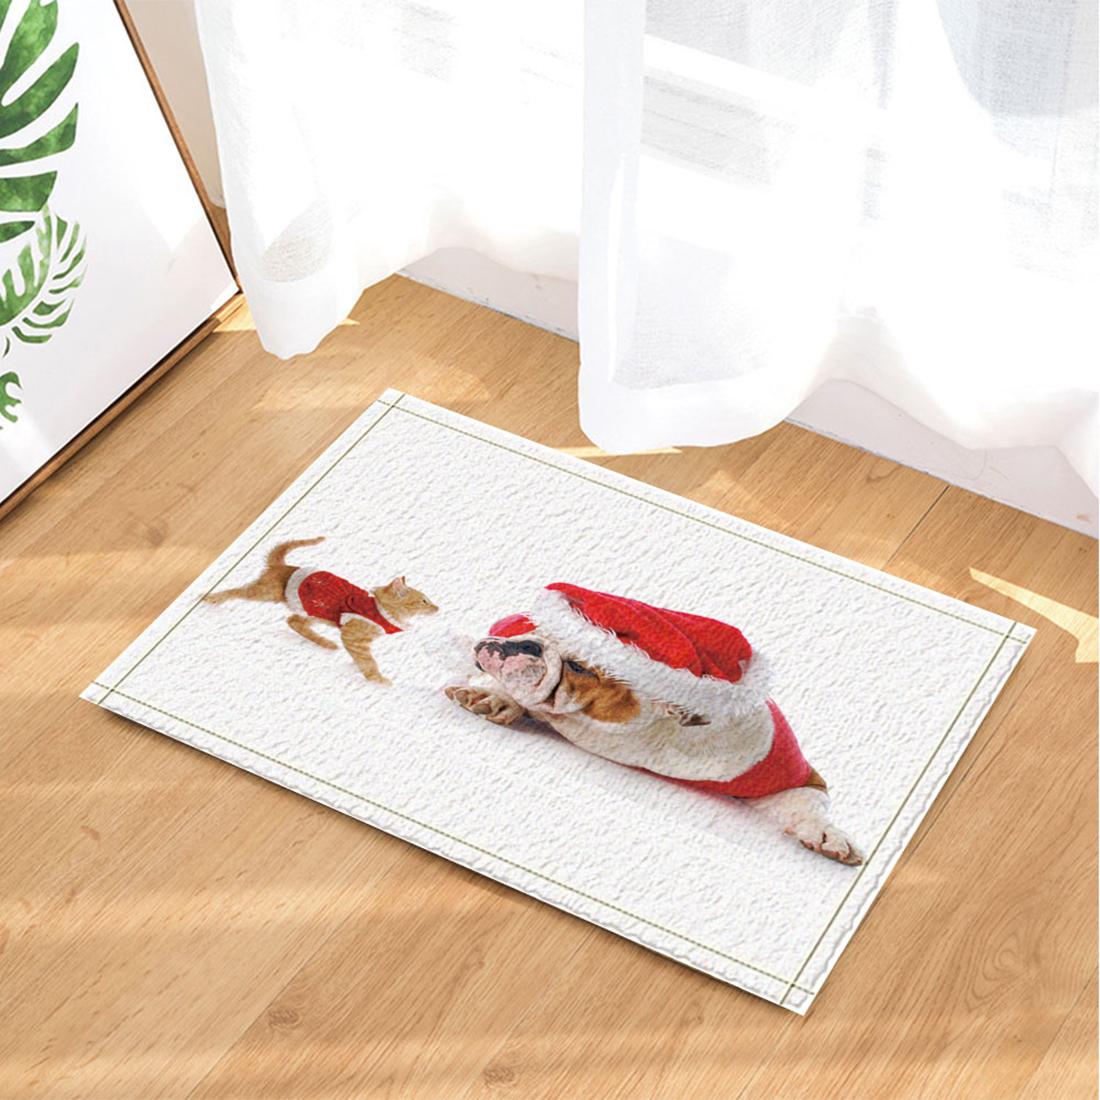 gwell weihnachten anti schimmel duschvorhang fu matte badteppich wc vorleger ebay. Black Bedroom Furniture Sets. Home Design Ideas